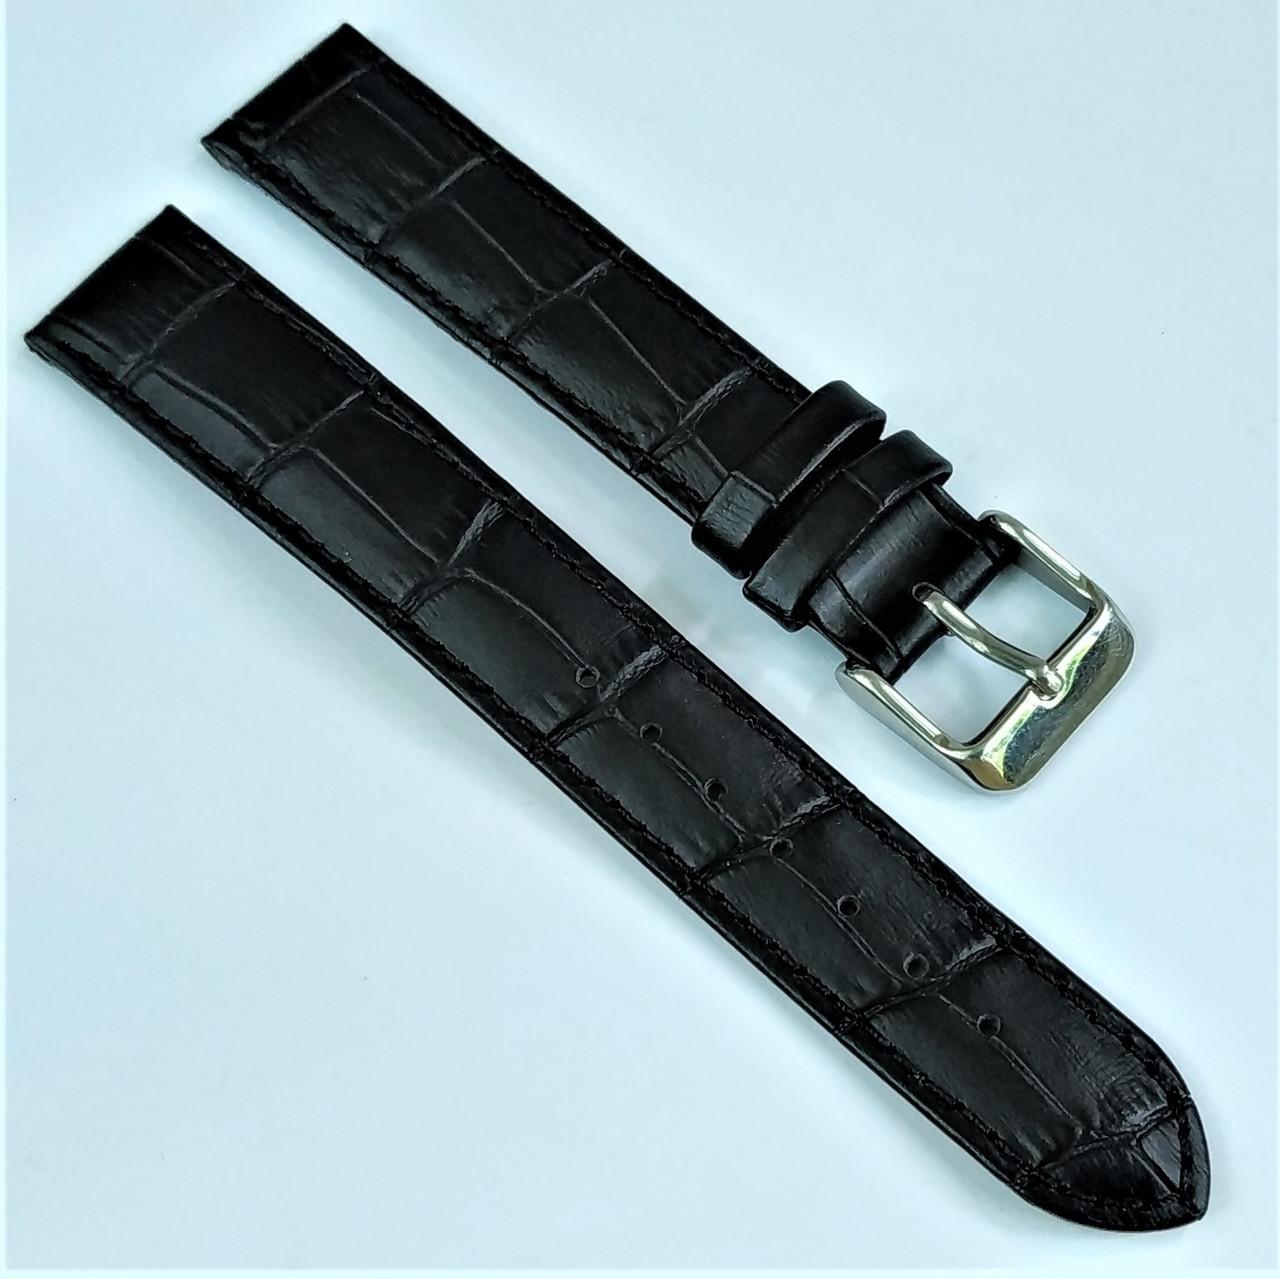 18 мм Кожаный Ремешок для часов CONDOR 305L.18.01 Черный Ремешок на часы из Натуральной кожи удлиненный